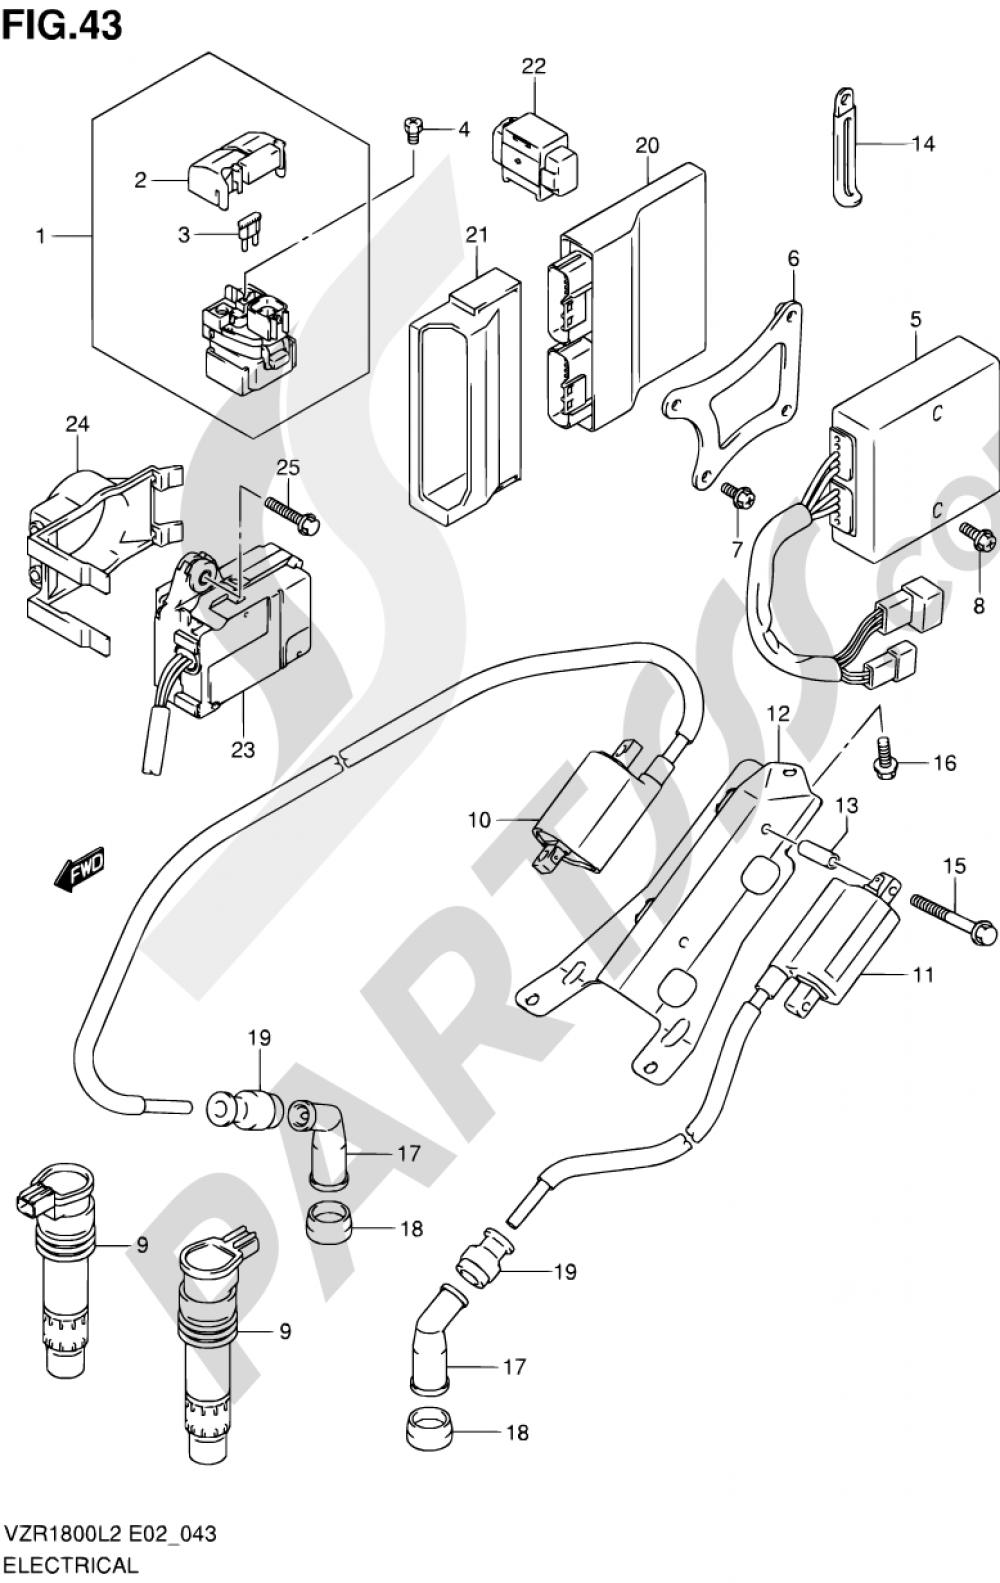 43 - ELECTRICAL (VZR1800UFL2 E19) Suzuki VZR1800 2012